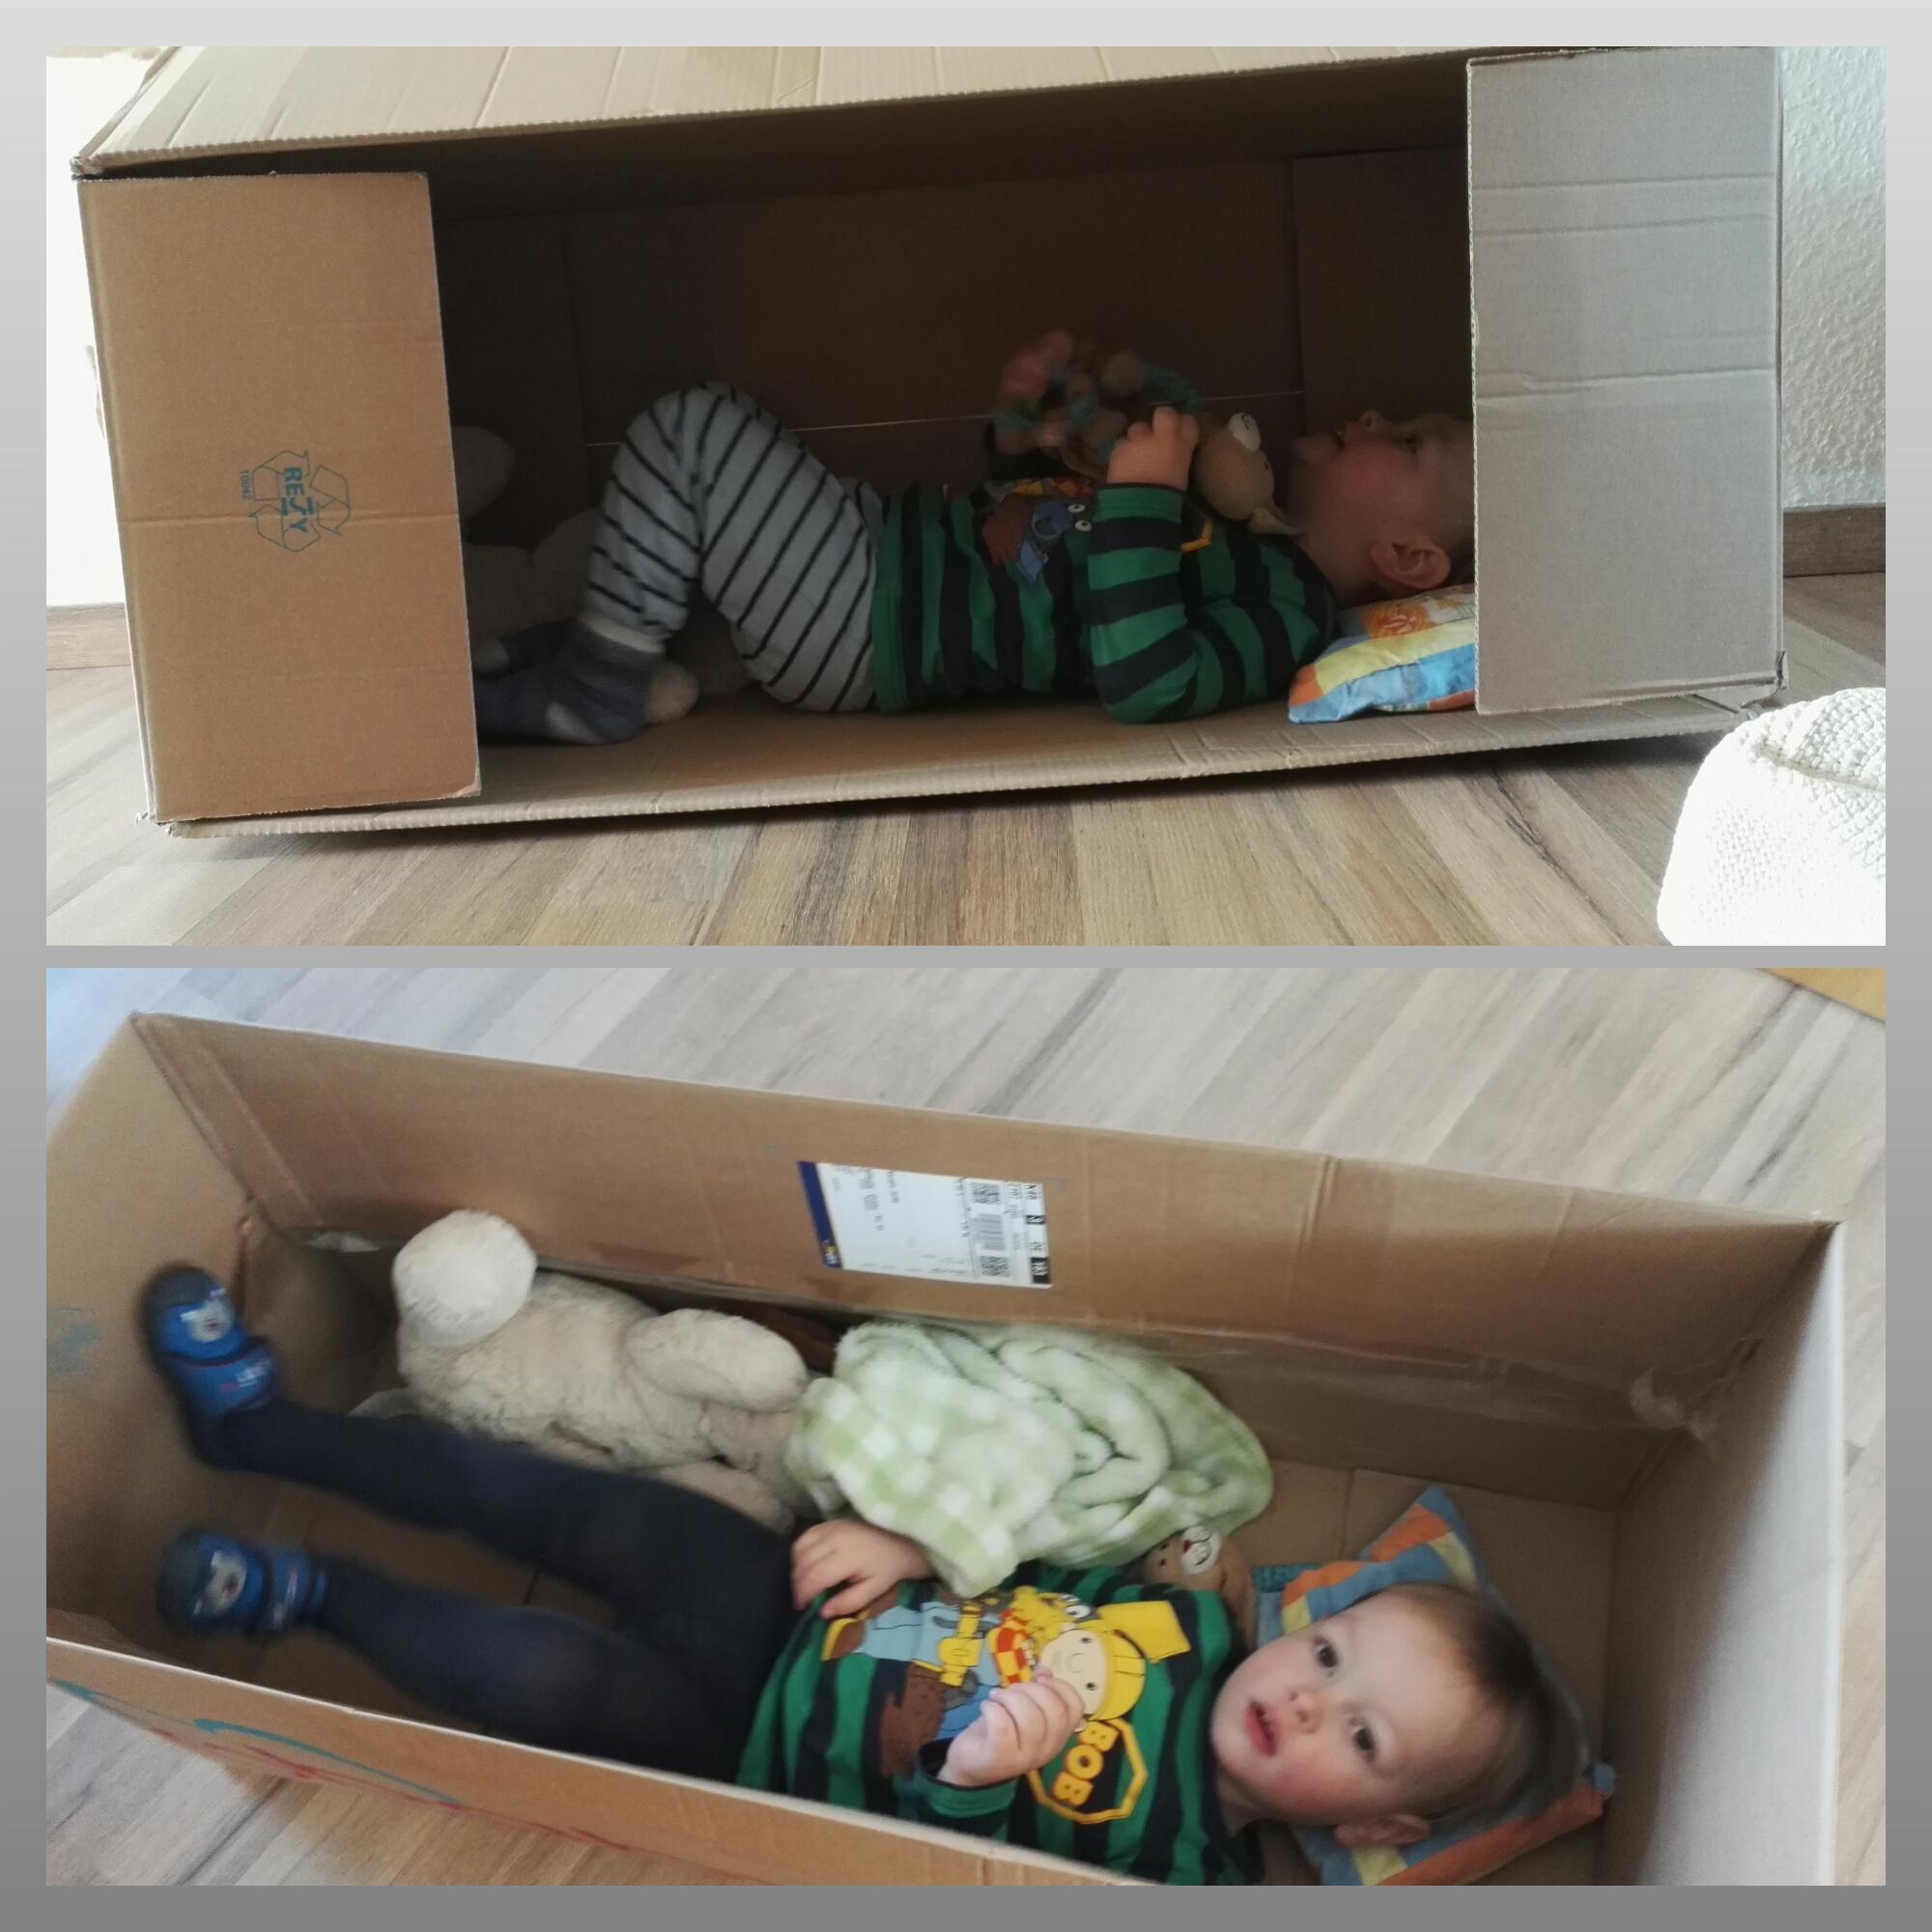 mein neues bett erik. Black Bedroom Furniture Sets. Home Design Ideas